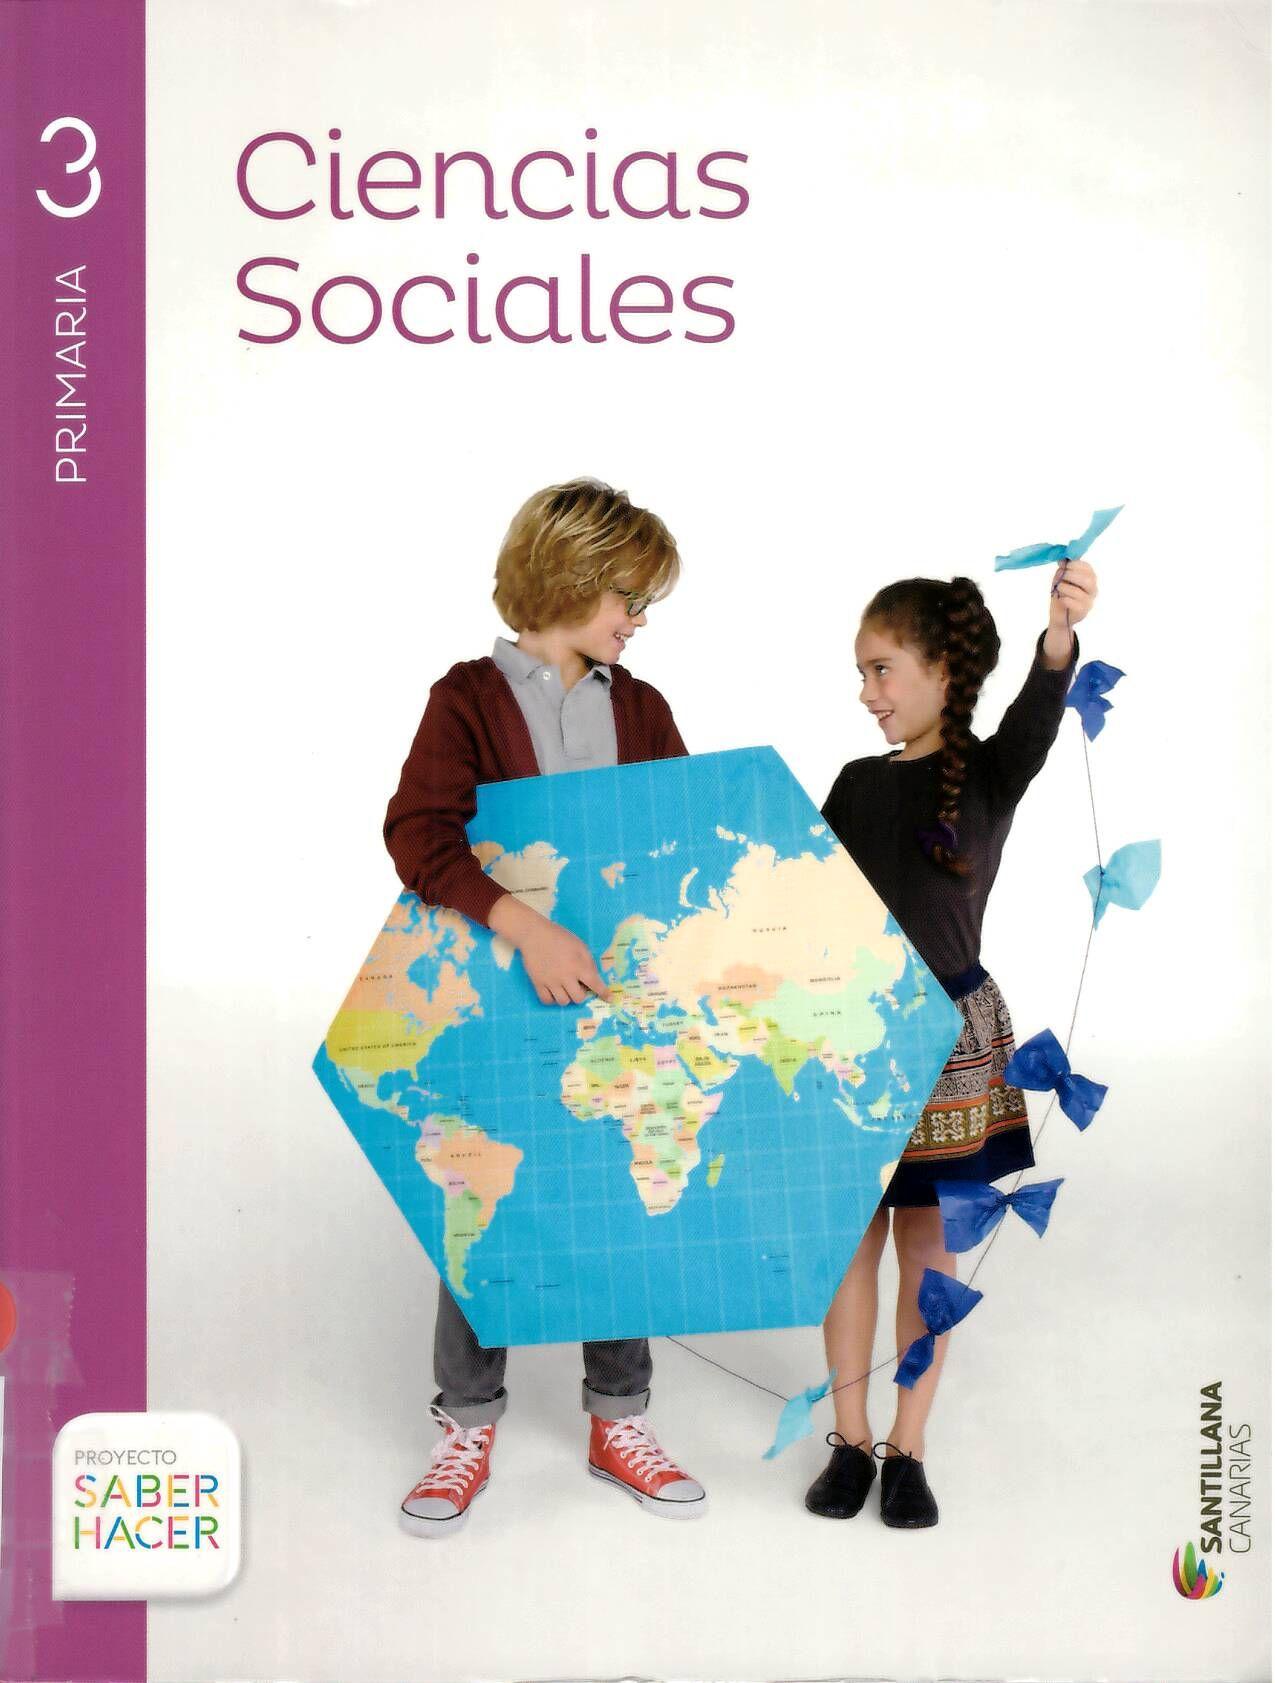 Ciencias Sociales 3 Primaria Texto De Aurora Moral Santa Olalla Et Al Http Absysnetweb Bbtk Libros De Tercer Grado Ciencias Sociales Libro De Texto